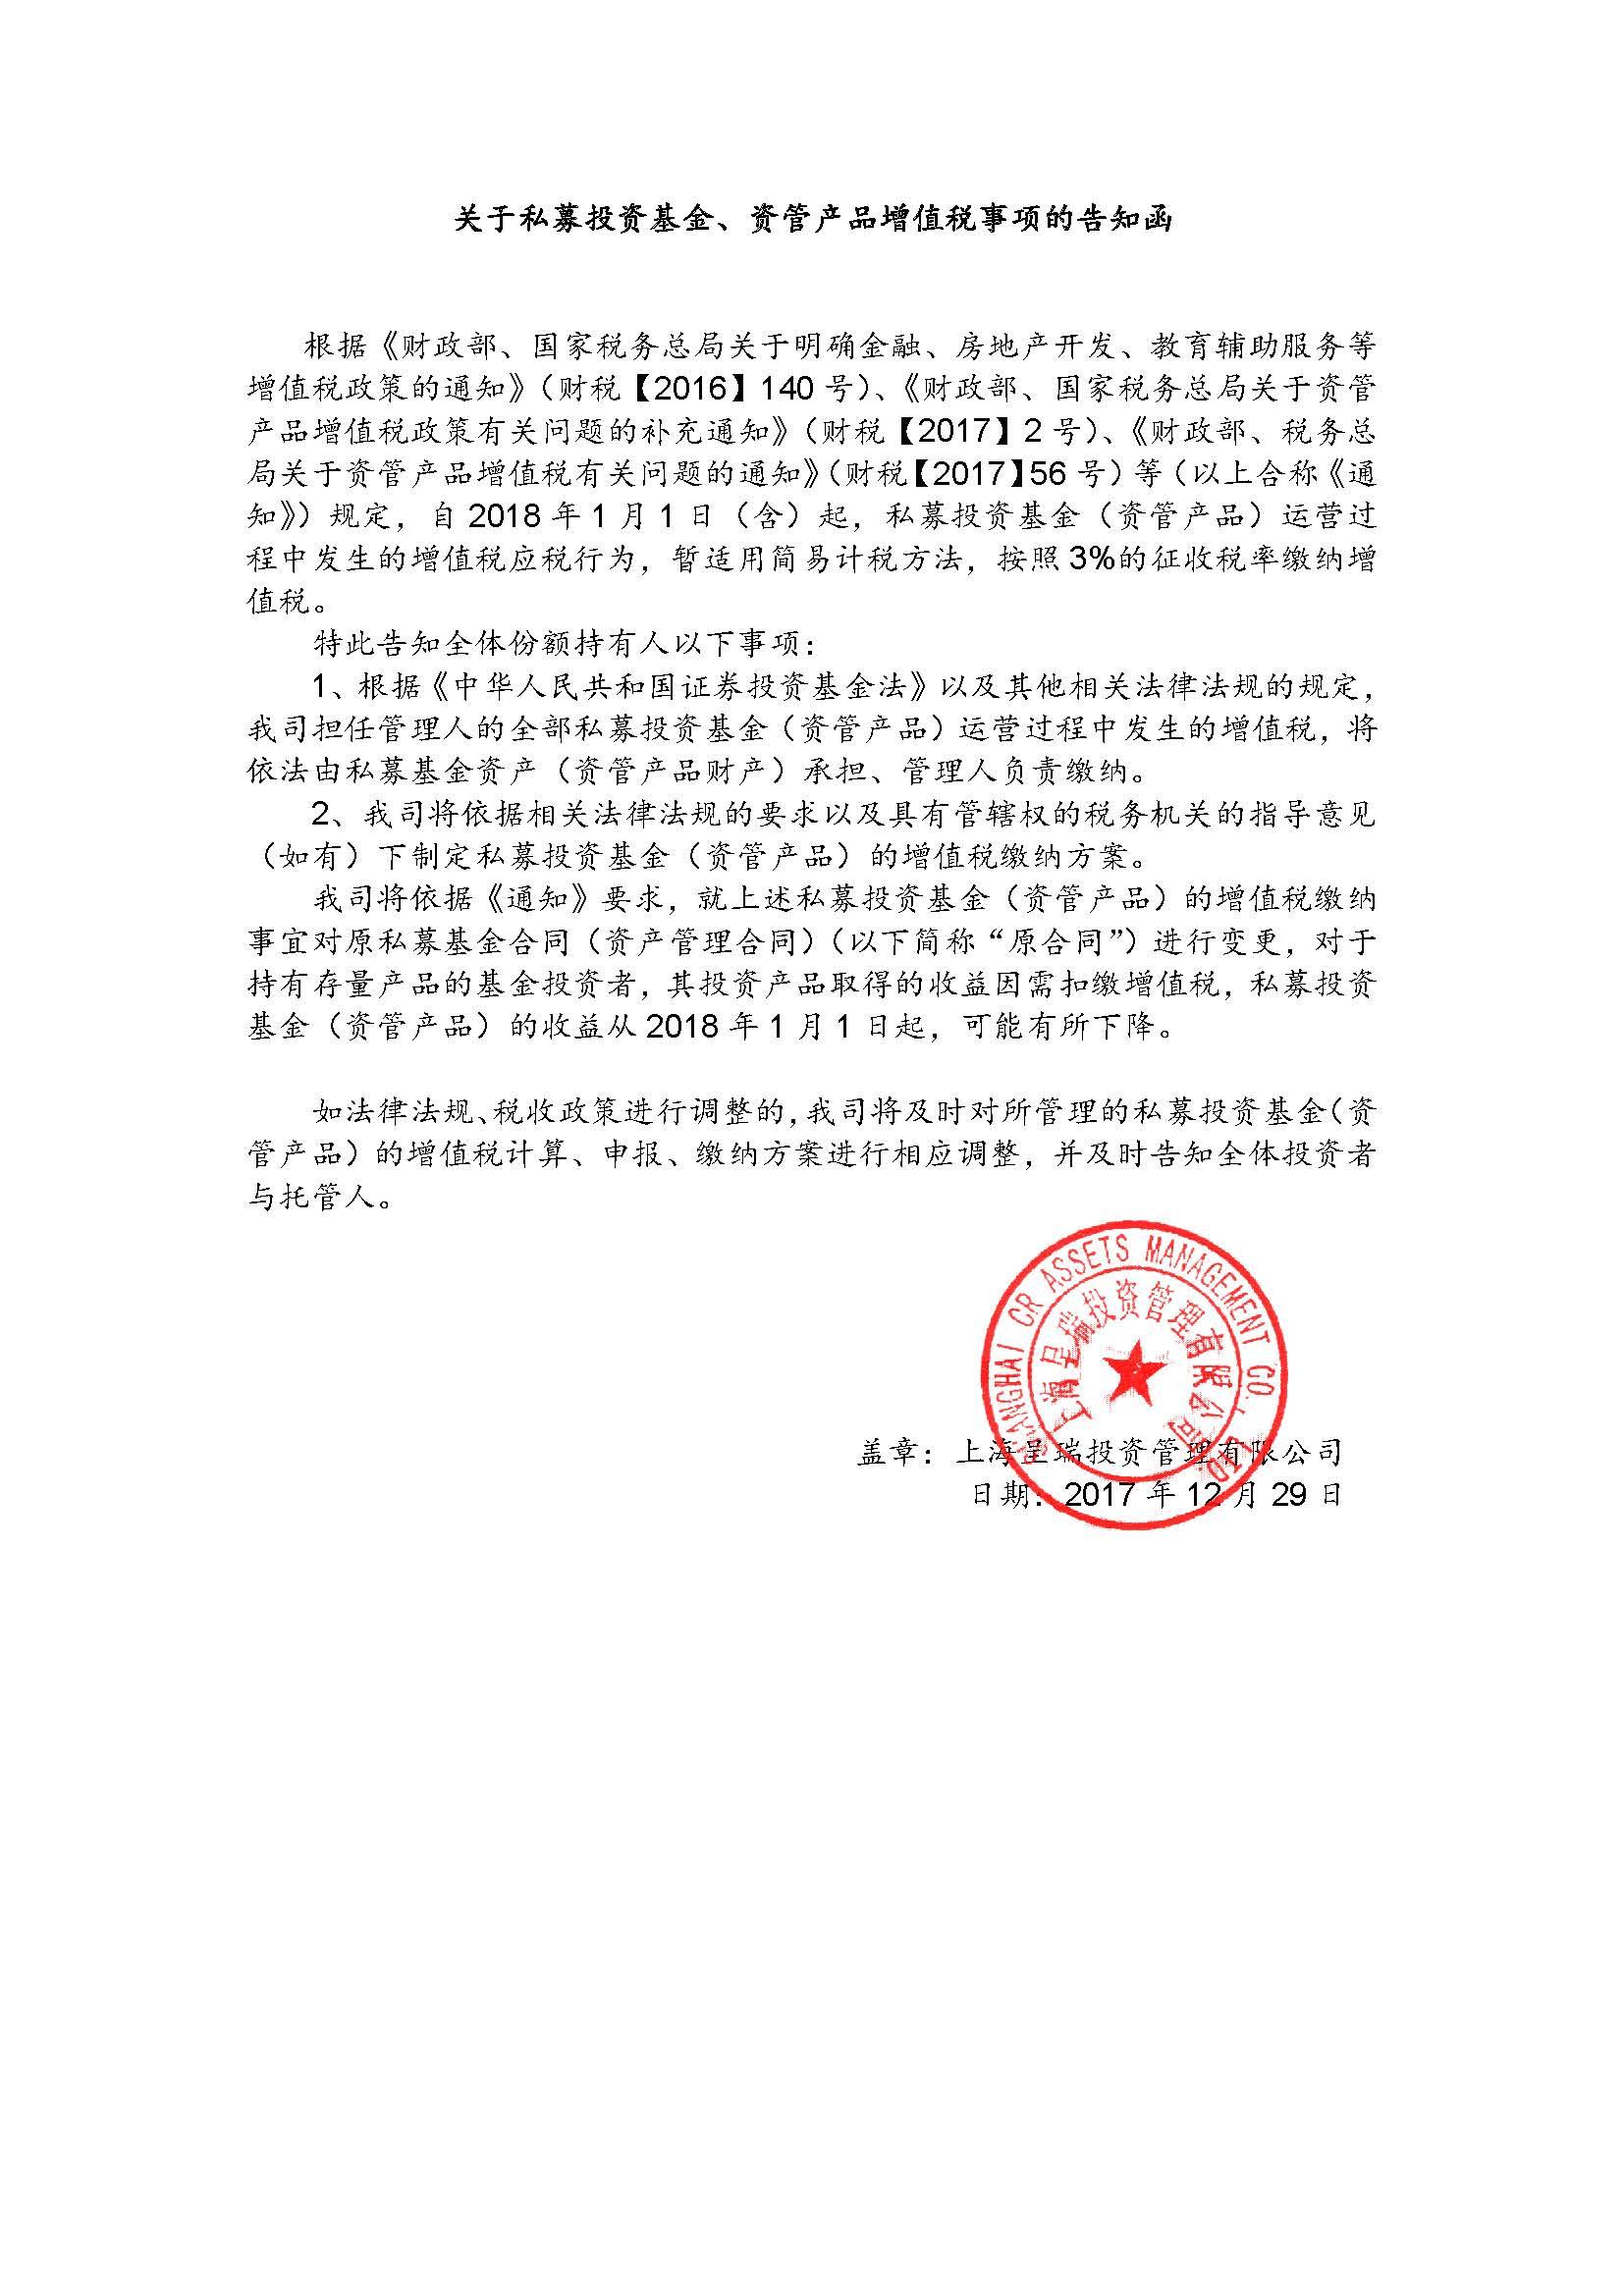 国泰君安模板-增值税事宜告知函模板(致投资者).jpg